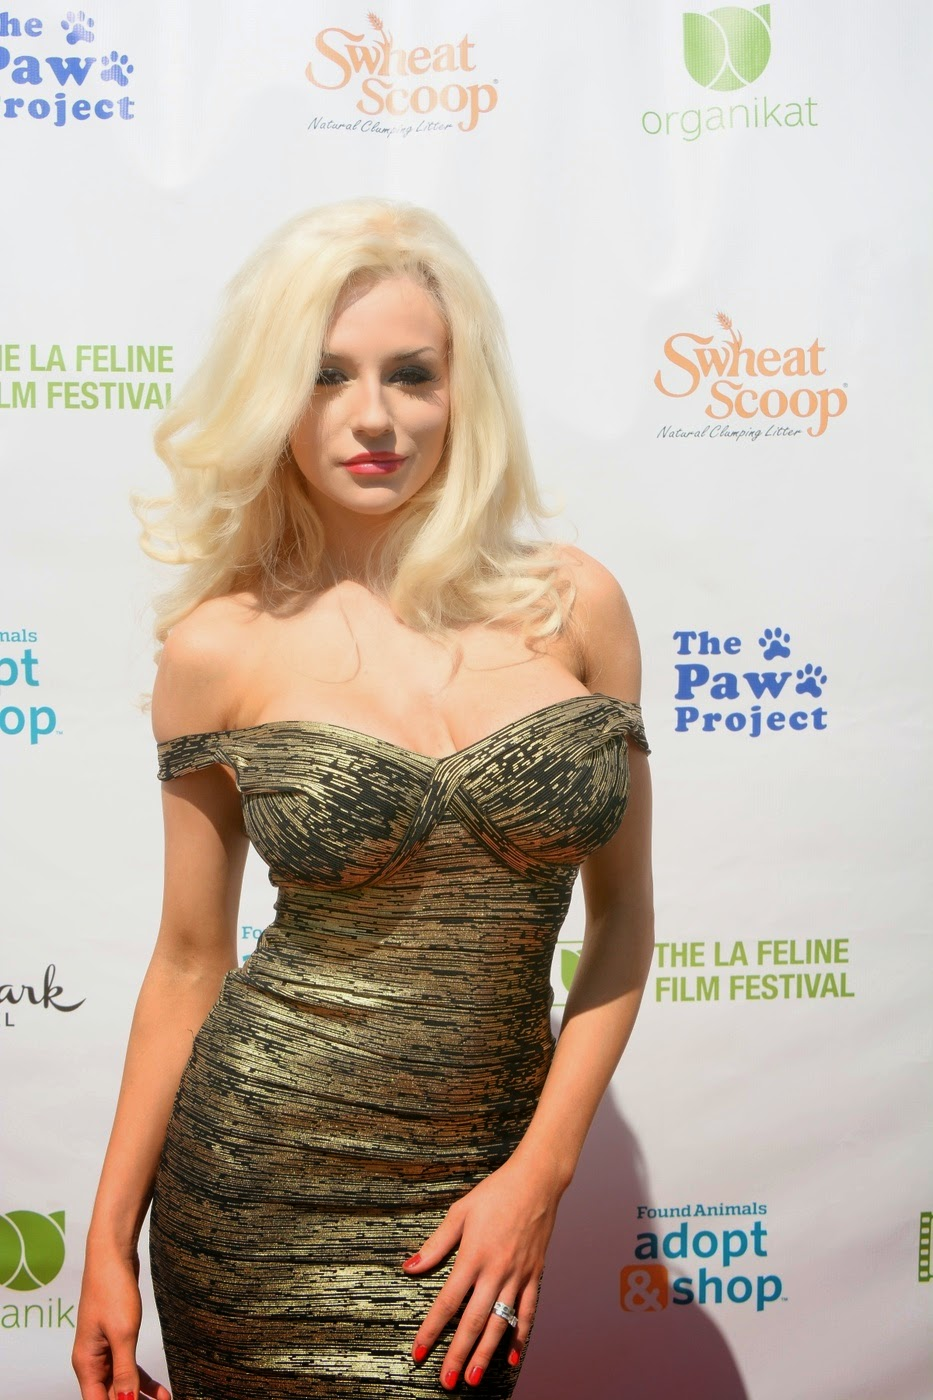 Courtney Stoddens Boobs At The Feline Film Festival